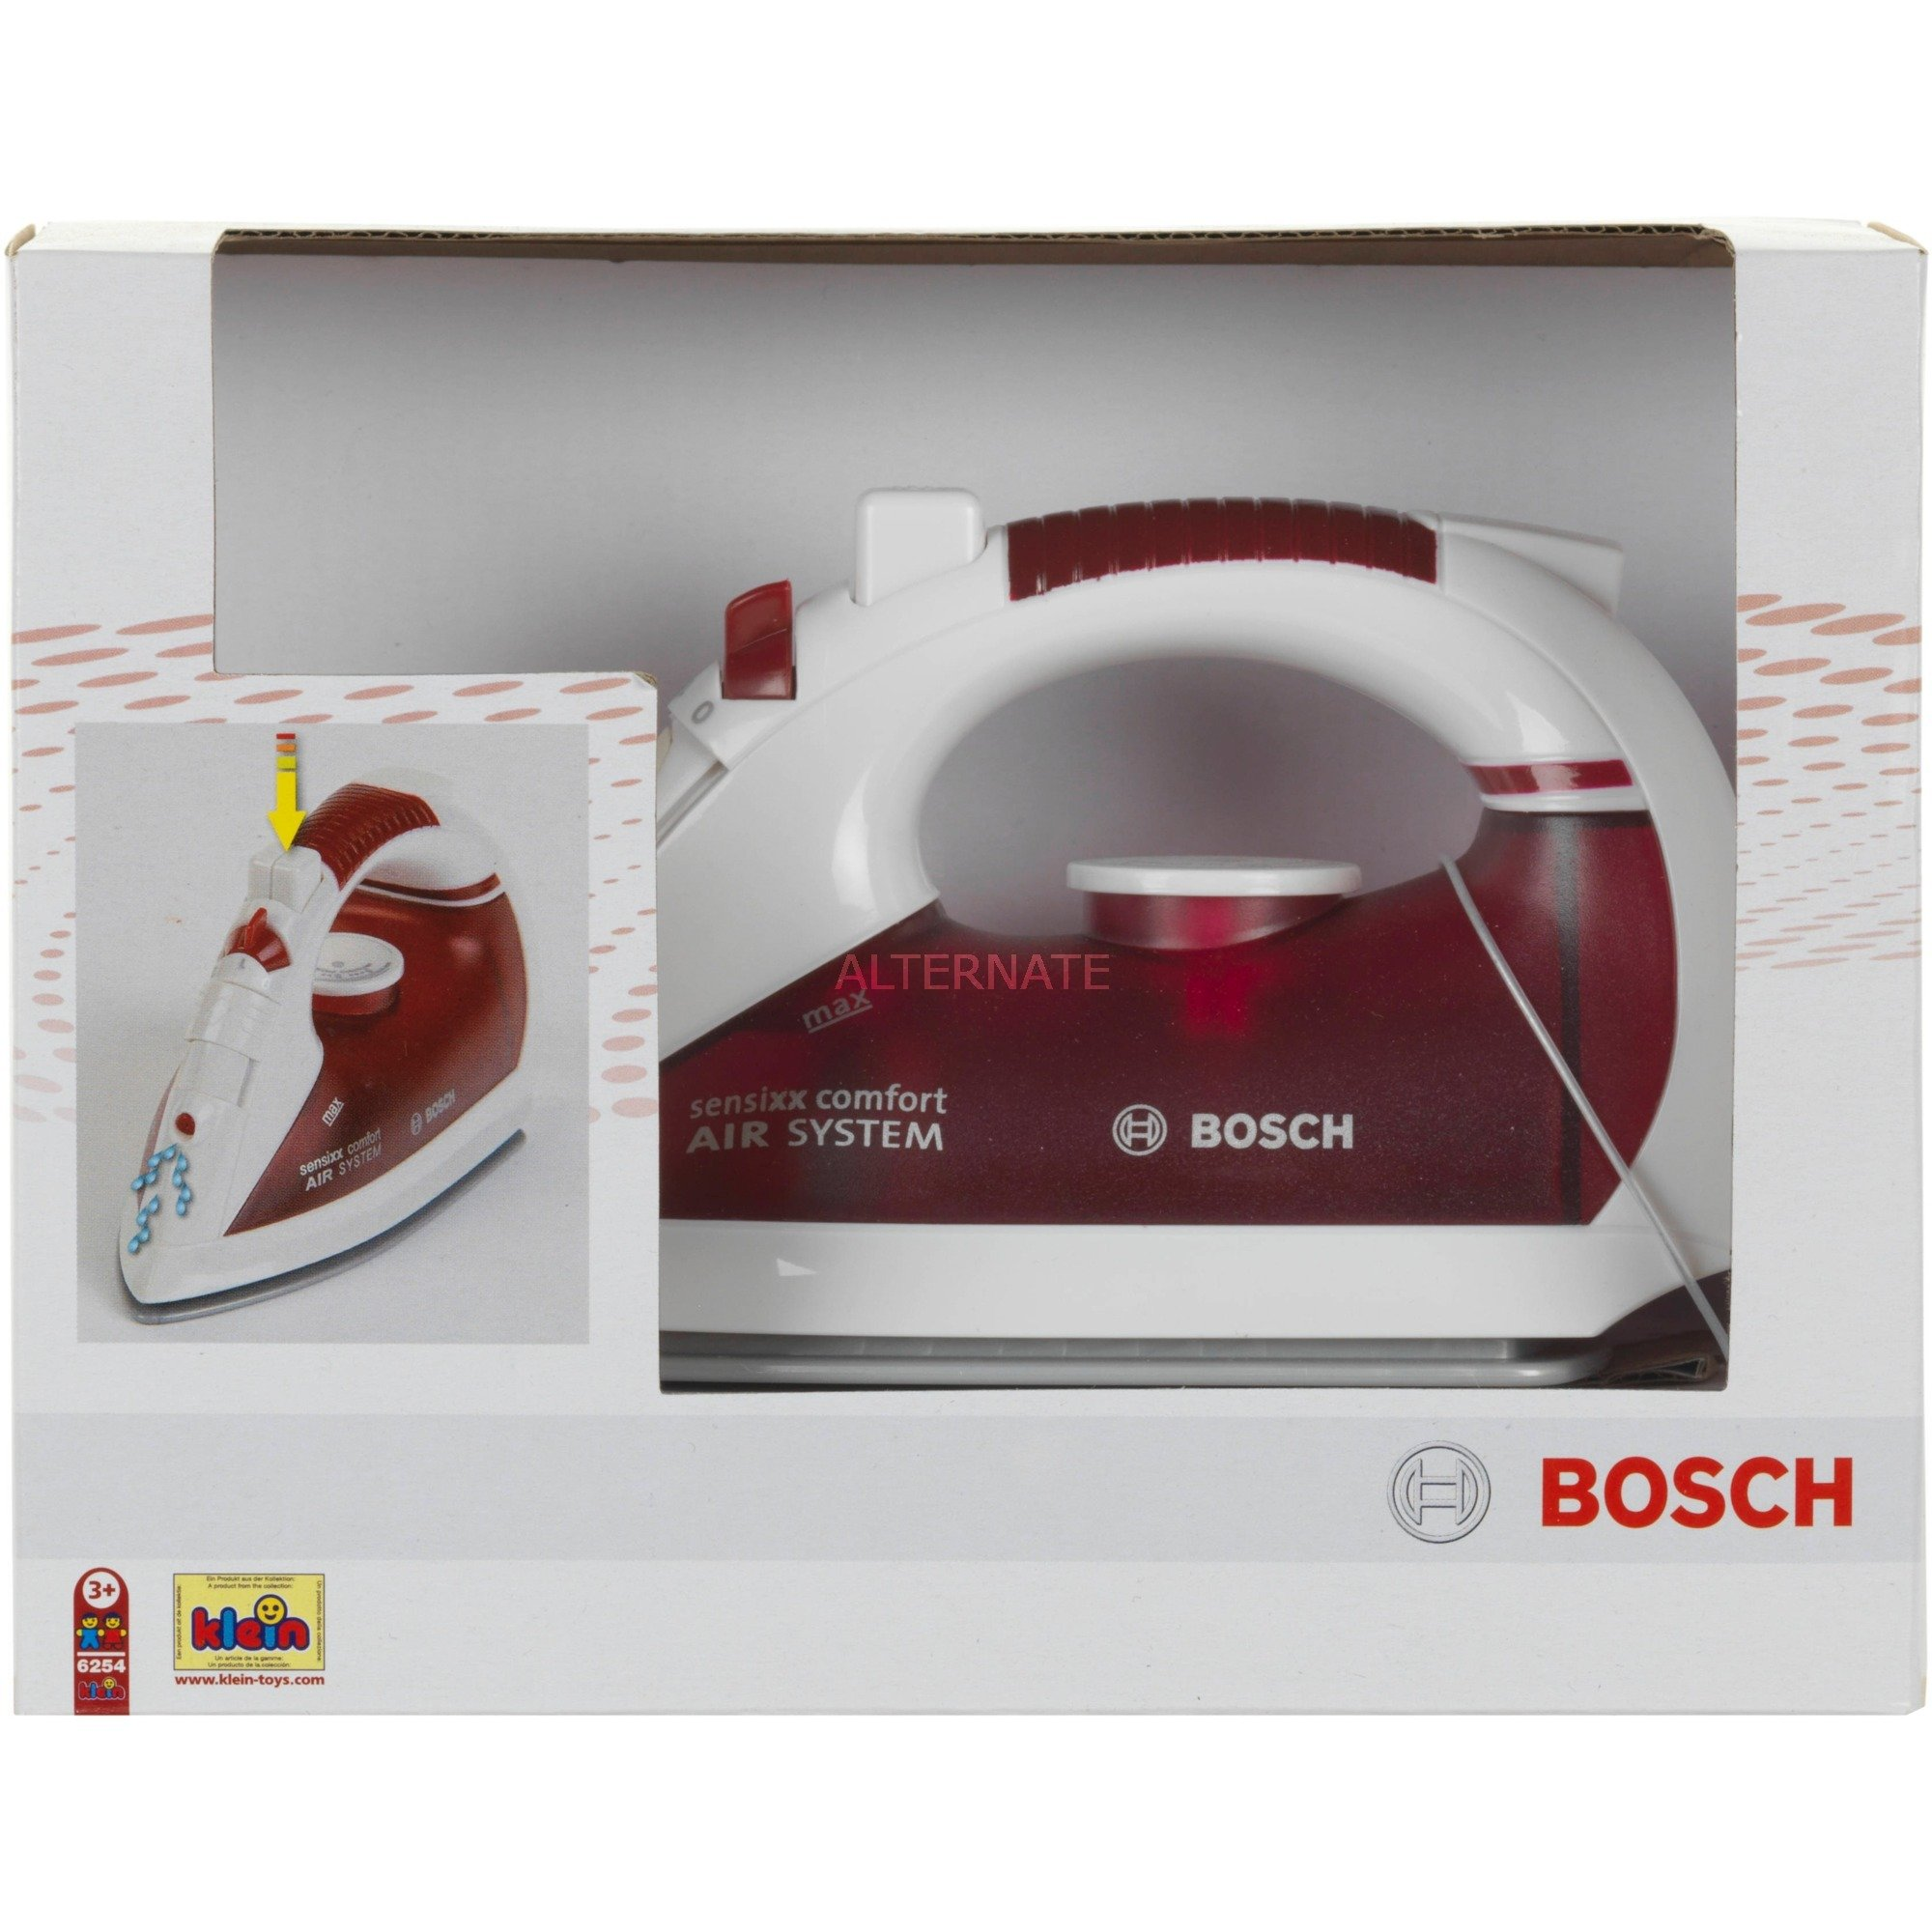 Image of Bosch Bügeleisen, Kinderhaushaltsgerät